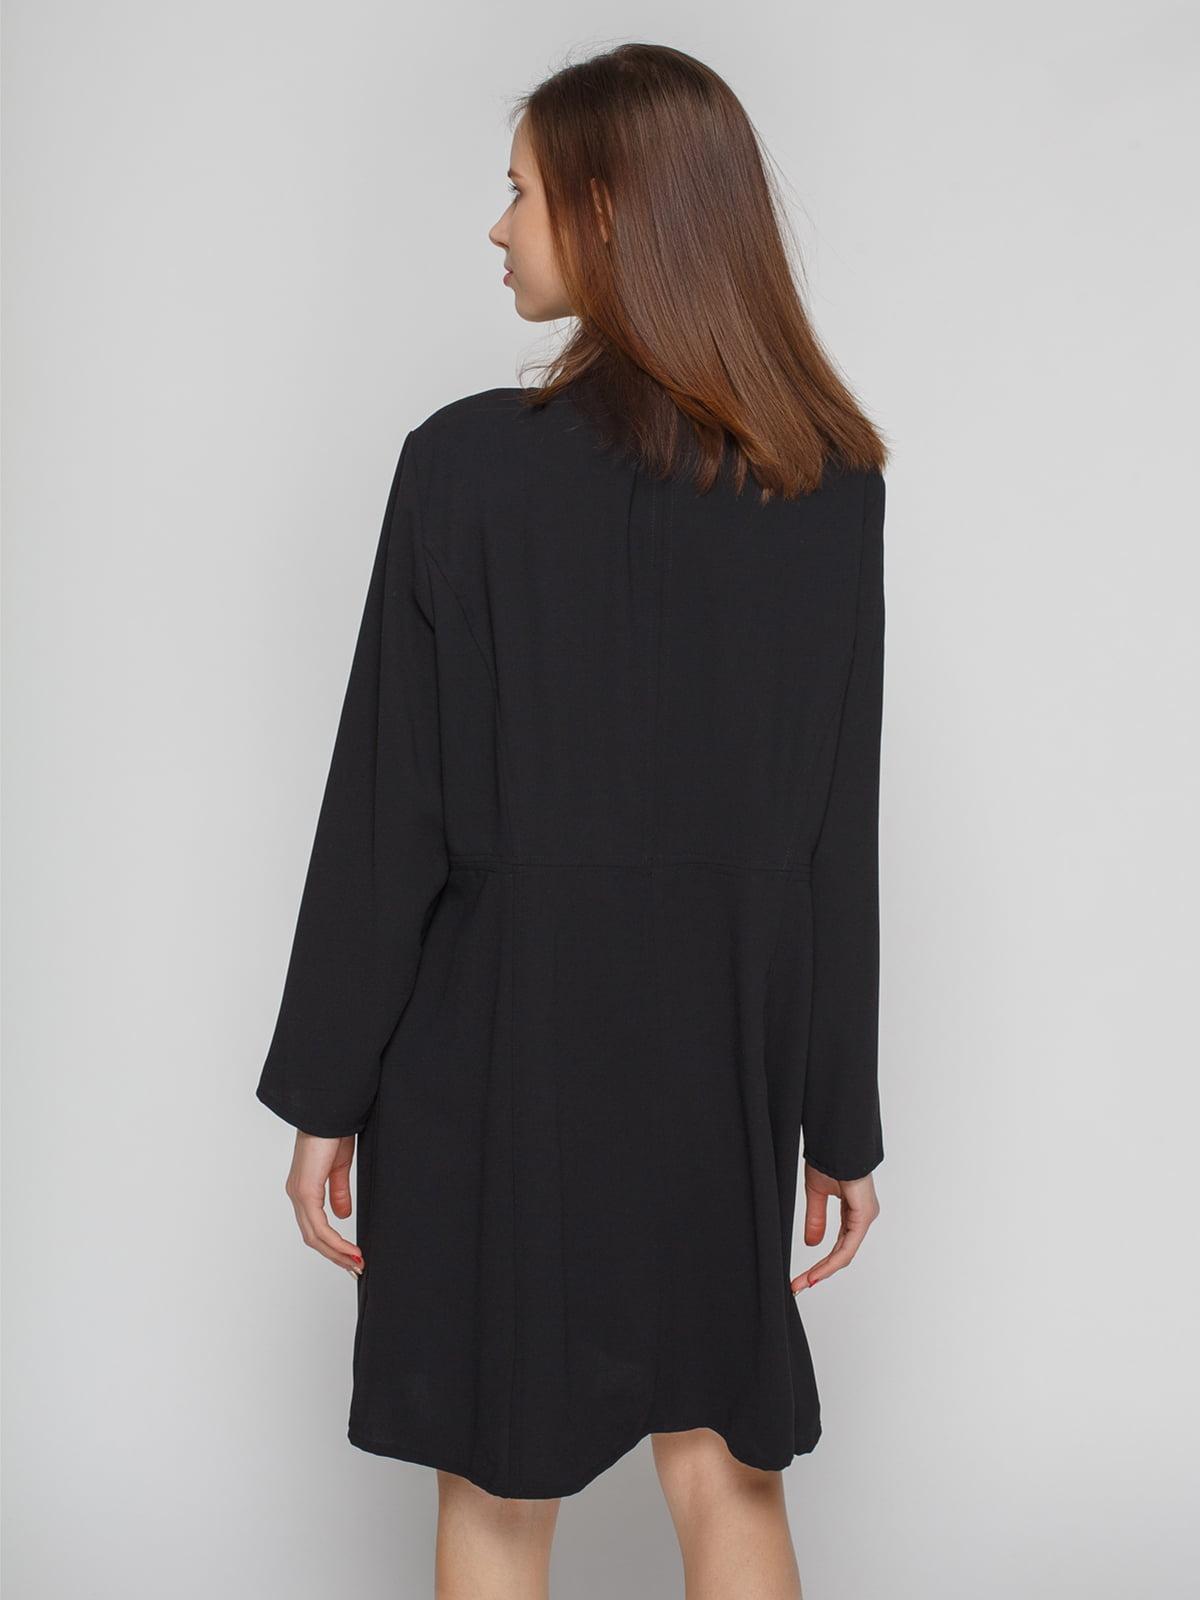 Платье черное   4790326   фото 2